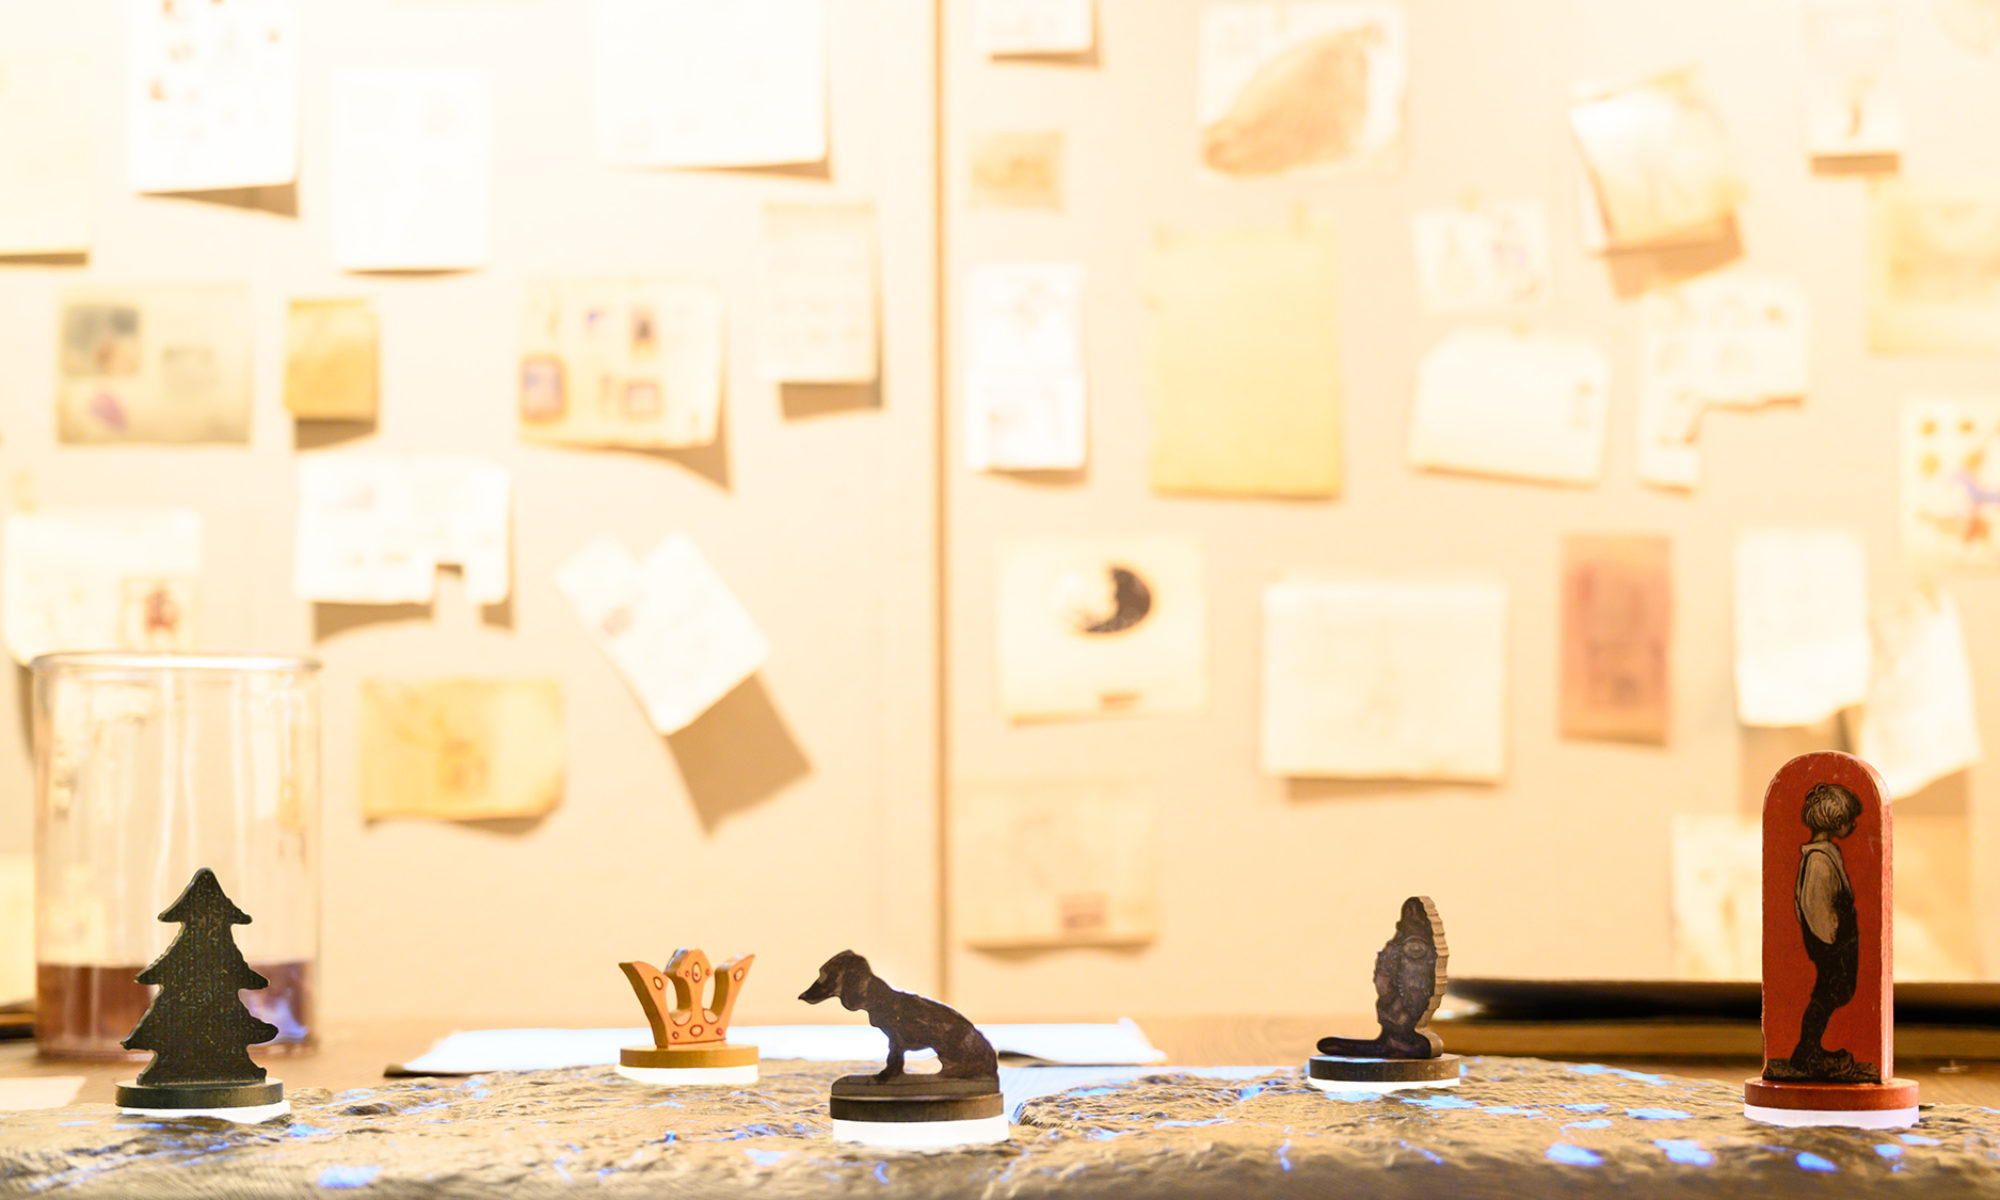 En ljus vägg med små skisser uppsatta i bakgrunden. I förgrunden små träfigurer i form av en krona, en gran, en prins, ett troll